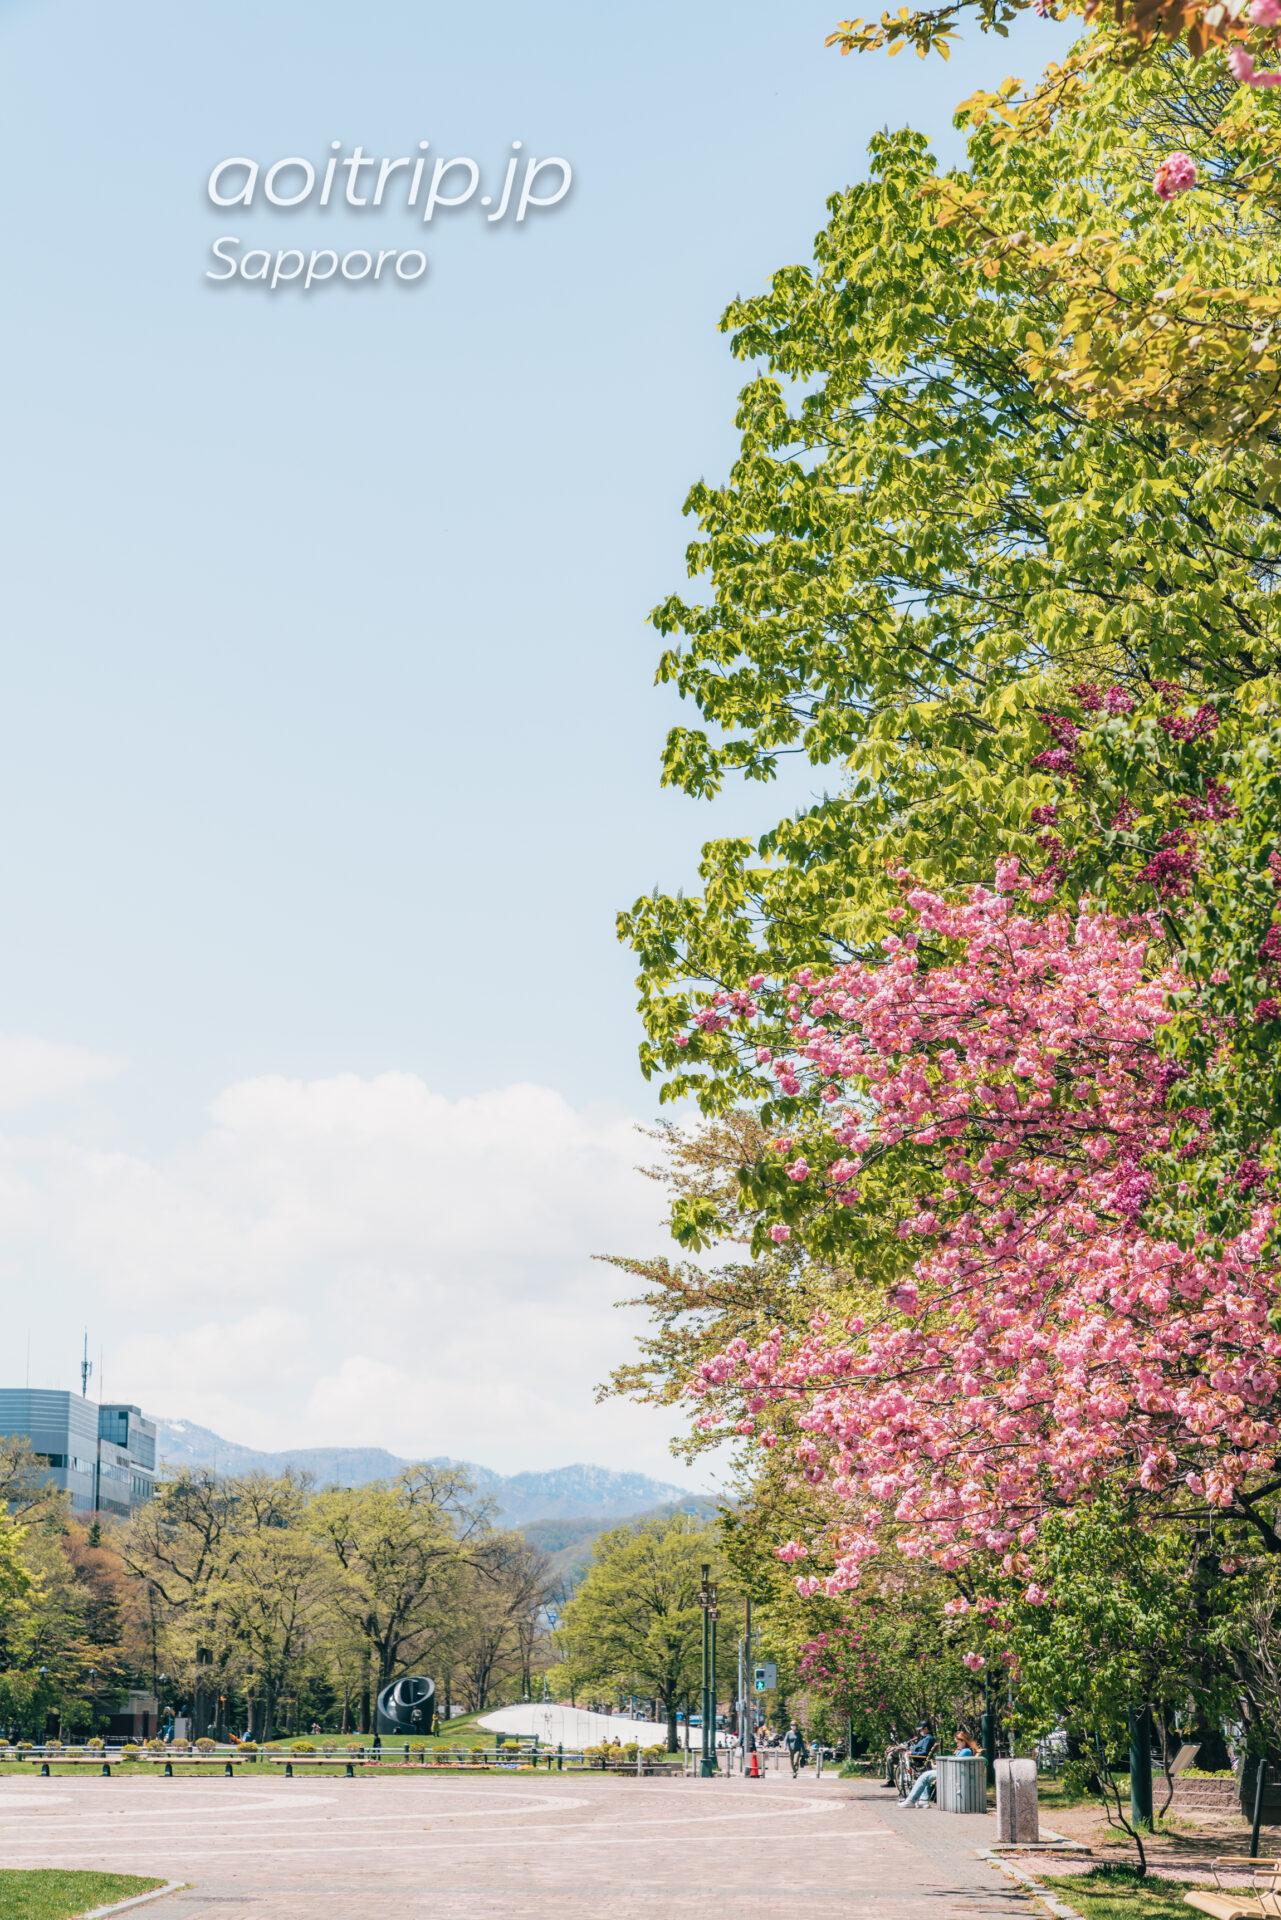 札幌大通公園の八重桜(サトザクラ)